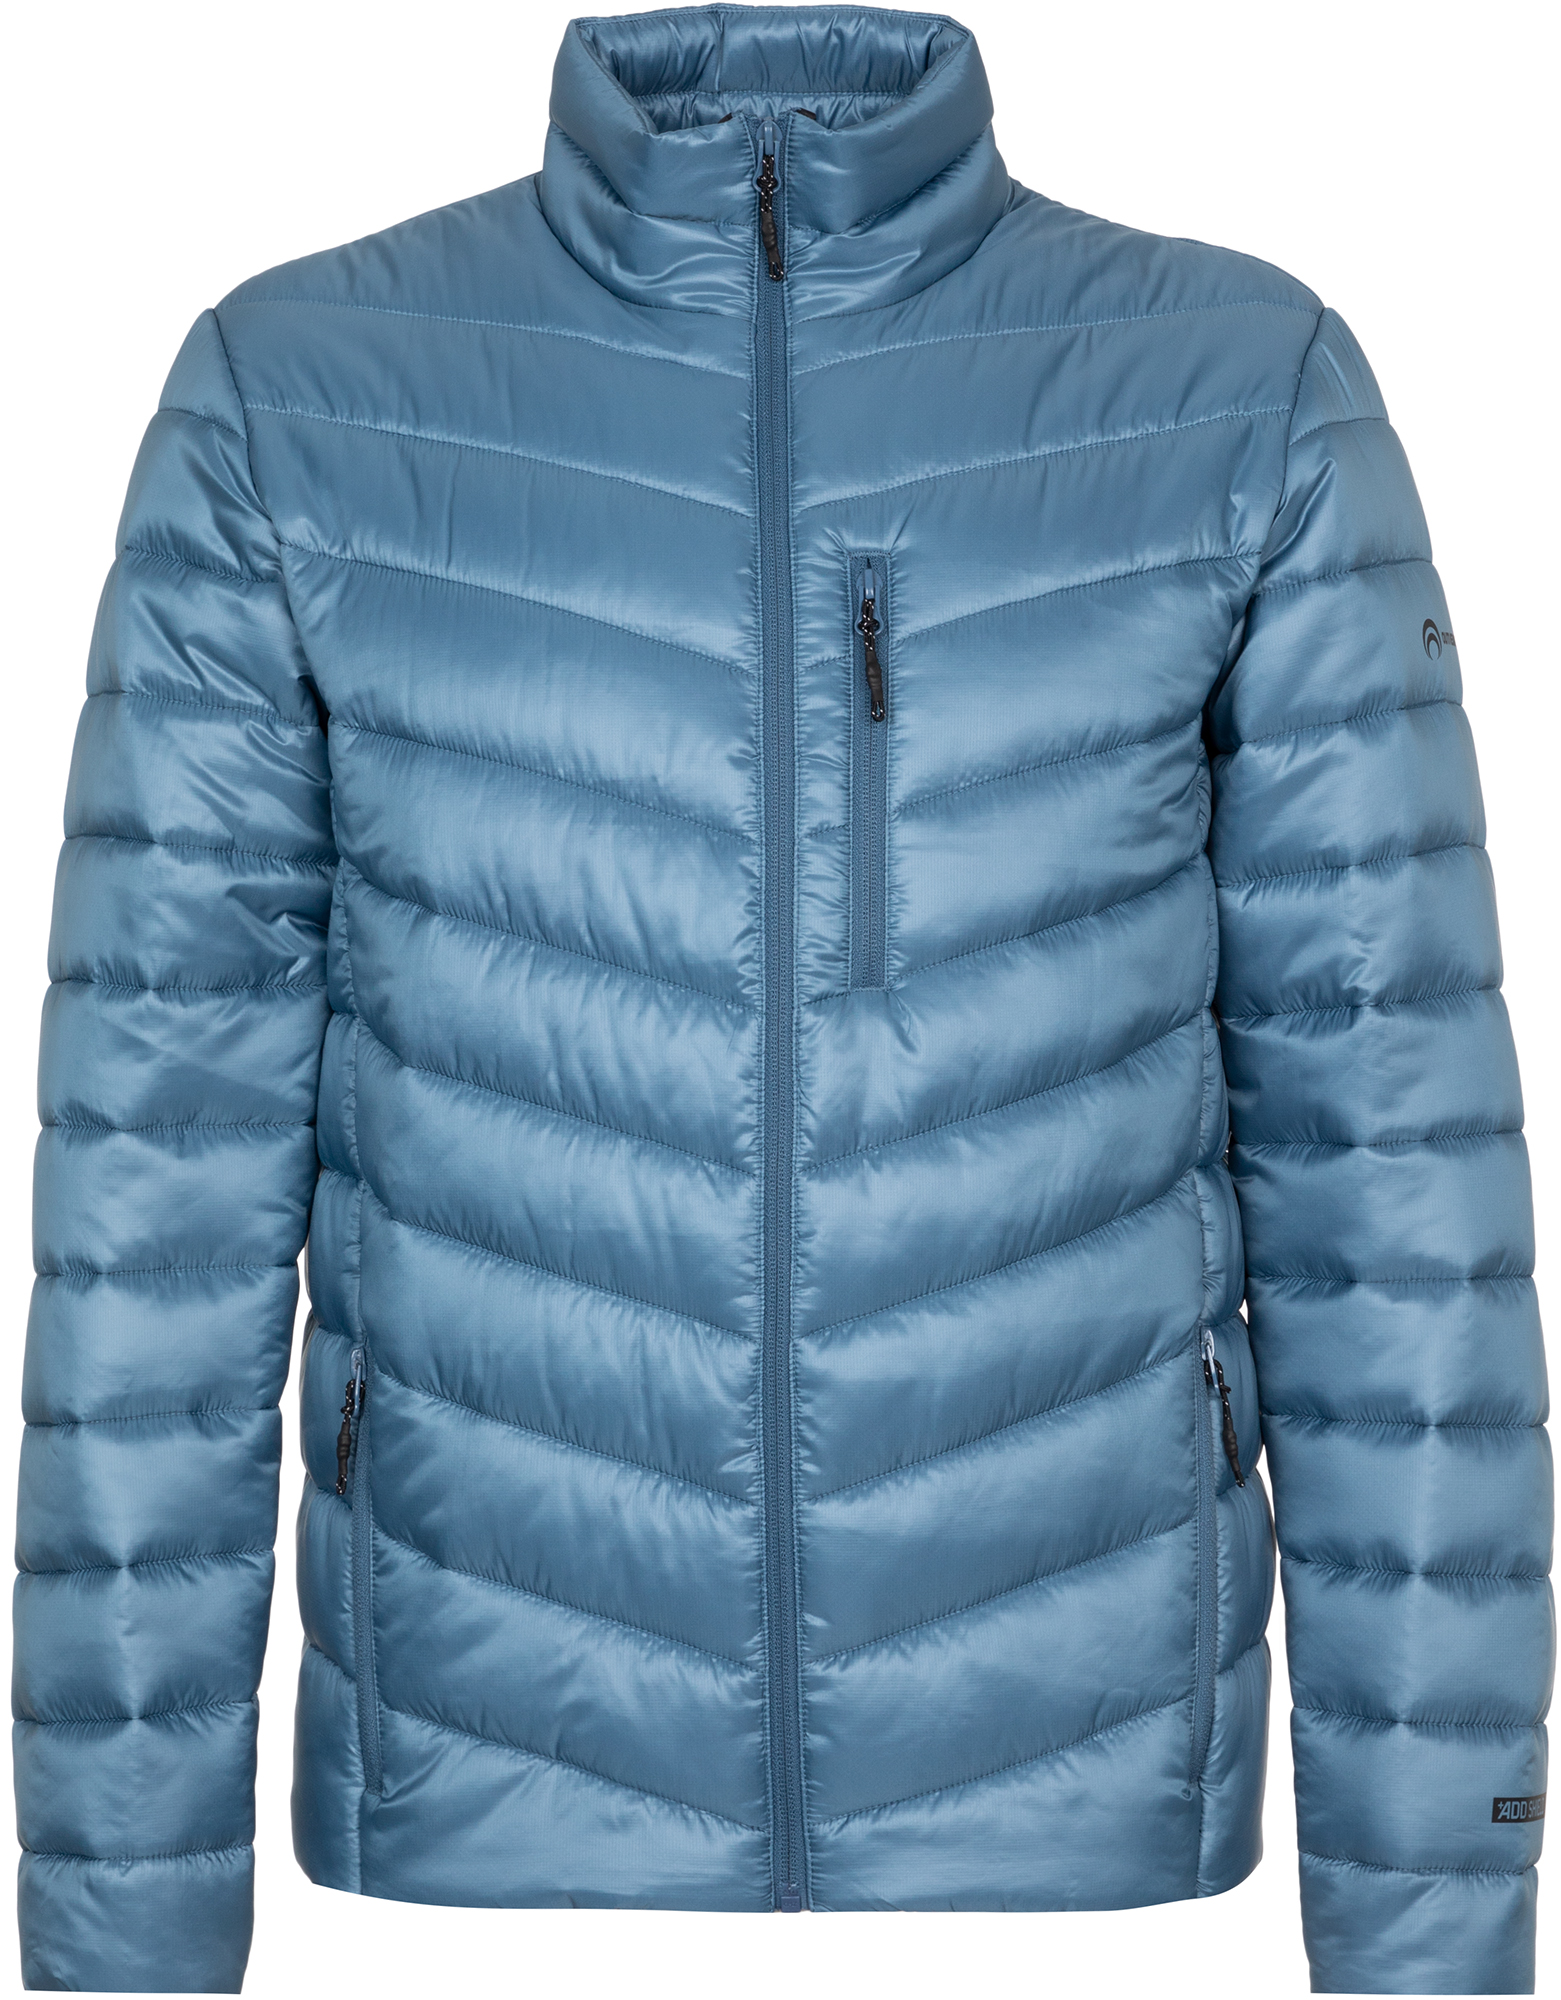 Фото - Outventure Куртка утепленная мужская Outventure, размер 50 outventure куртка утепленная для девочек outventure размер 134